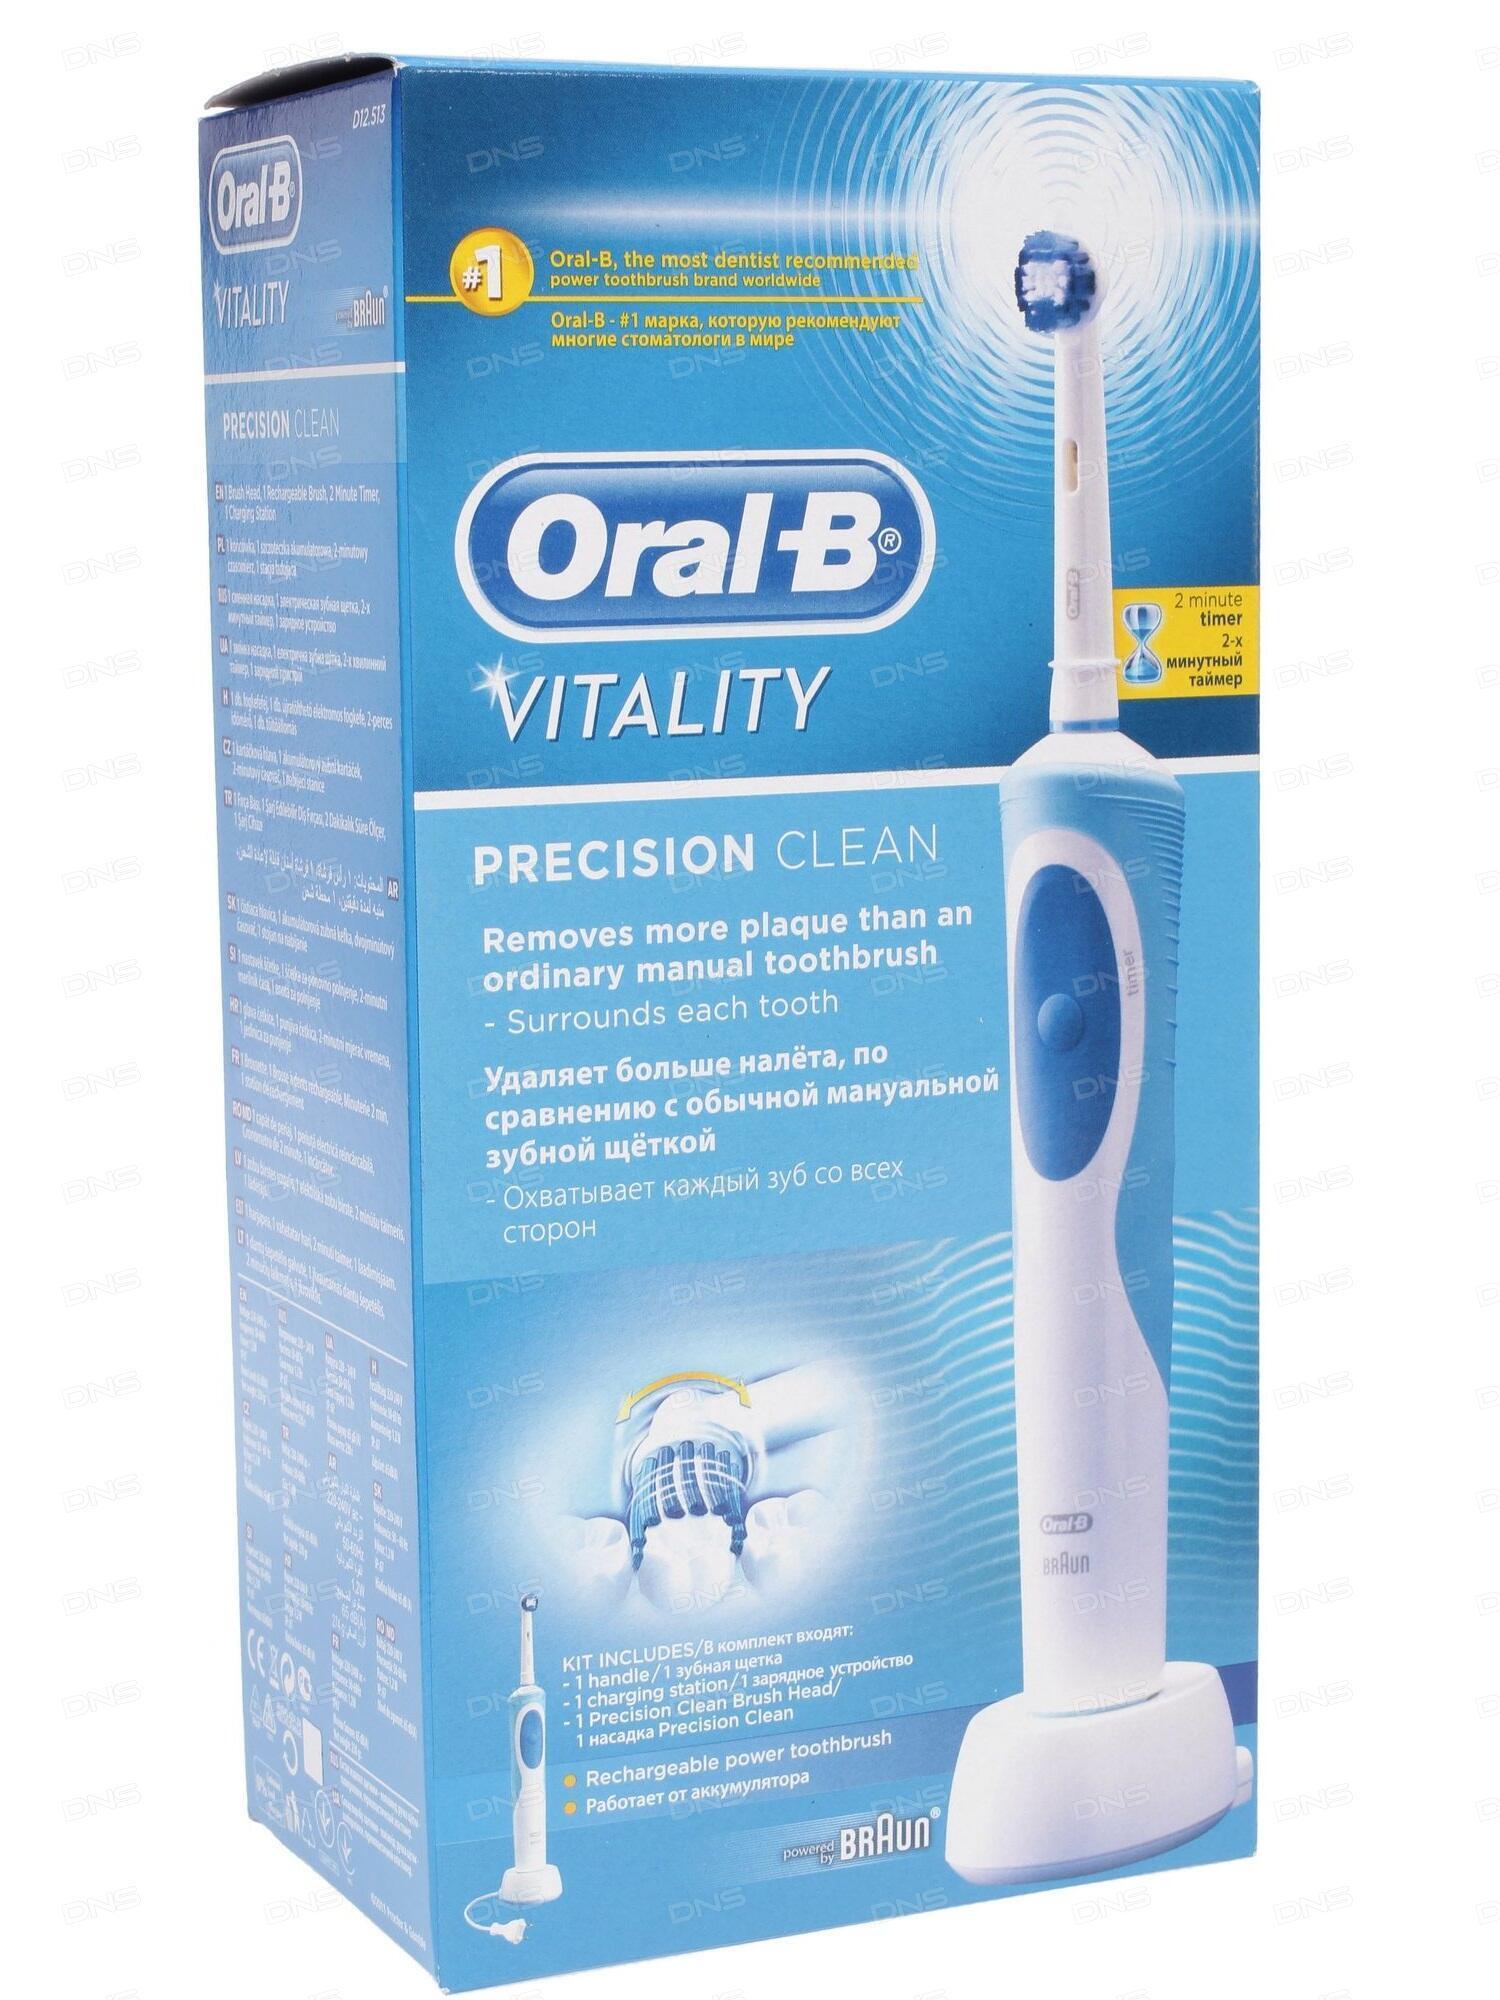 Oral b vitality precision clean 1 фотография